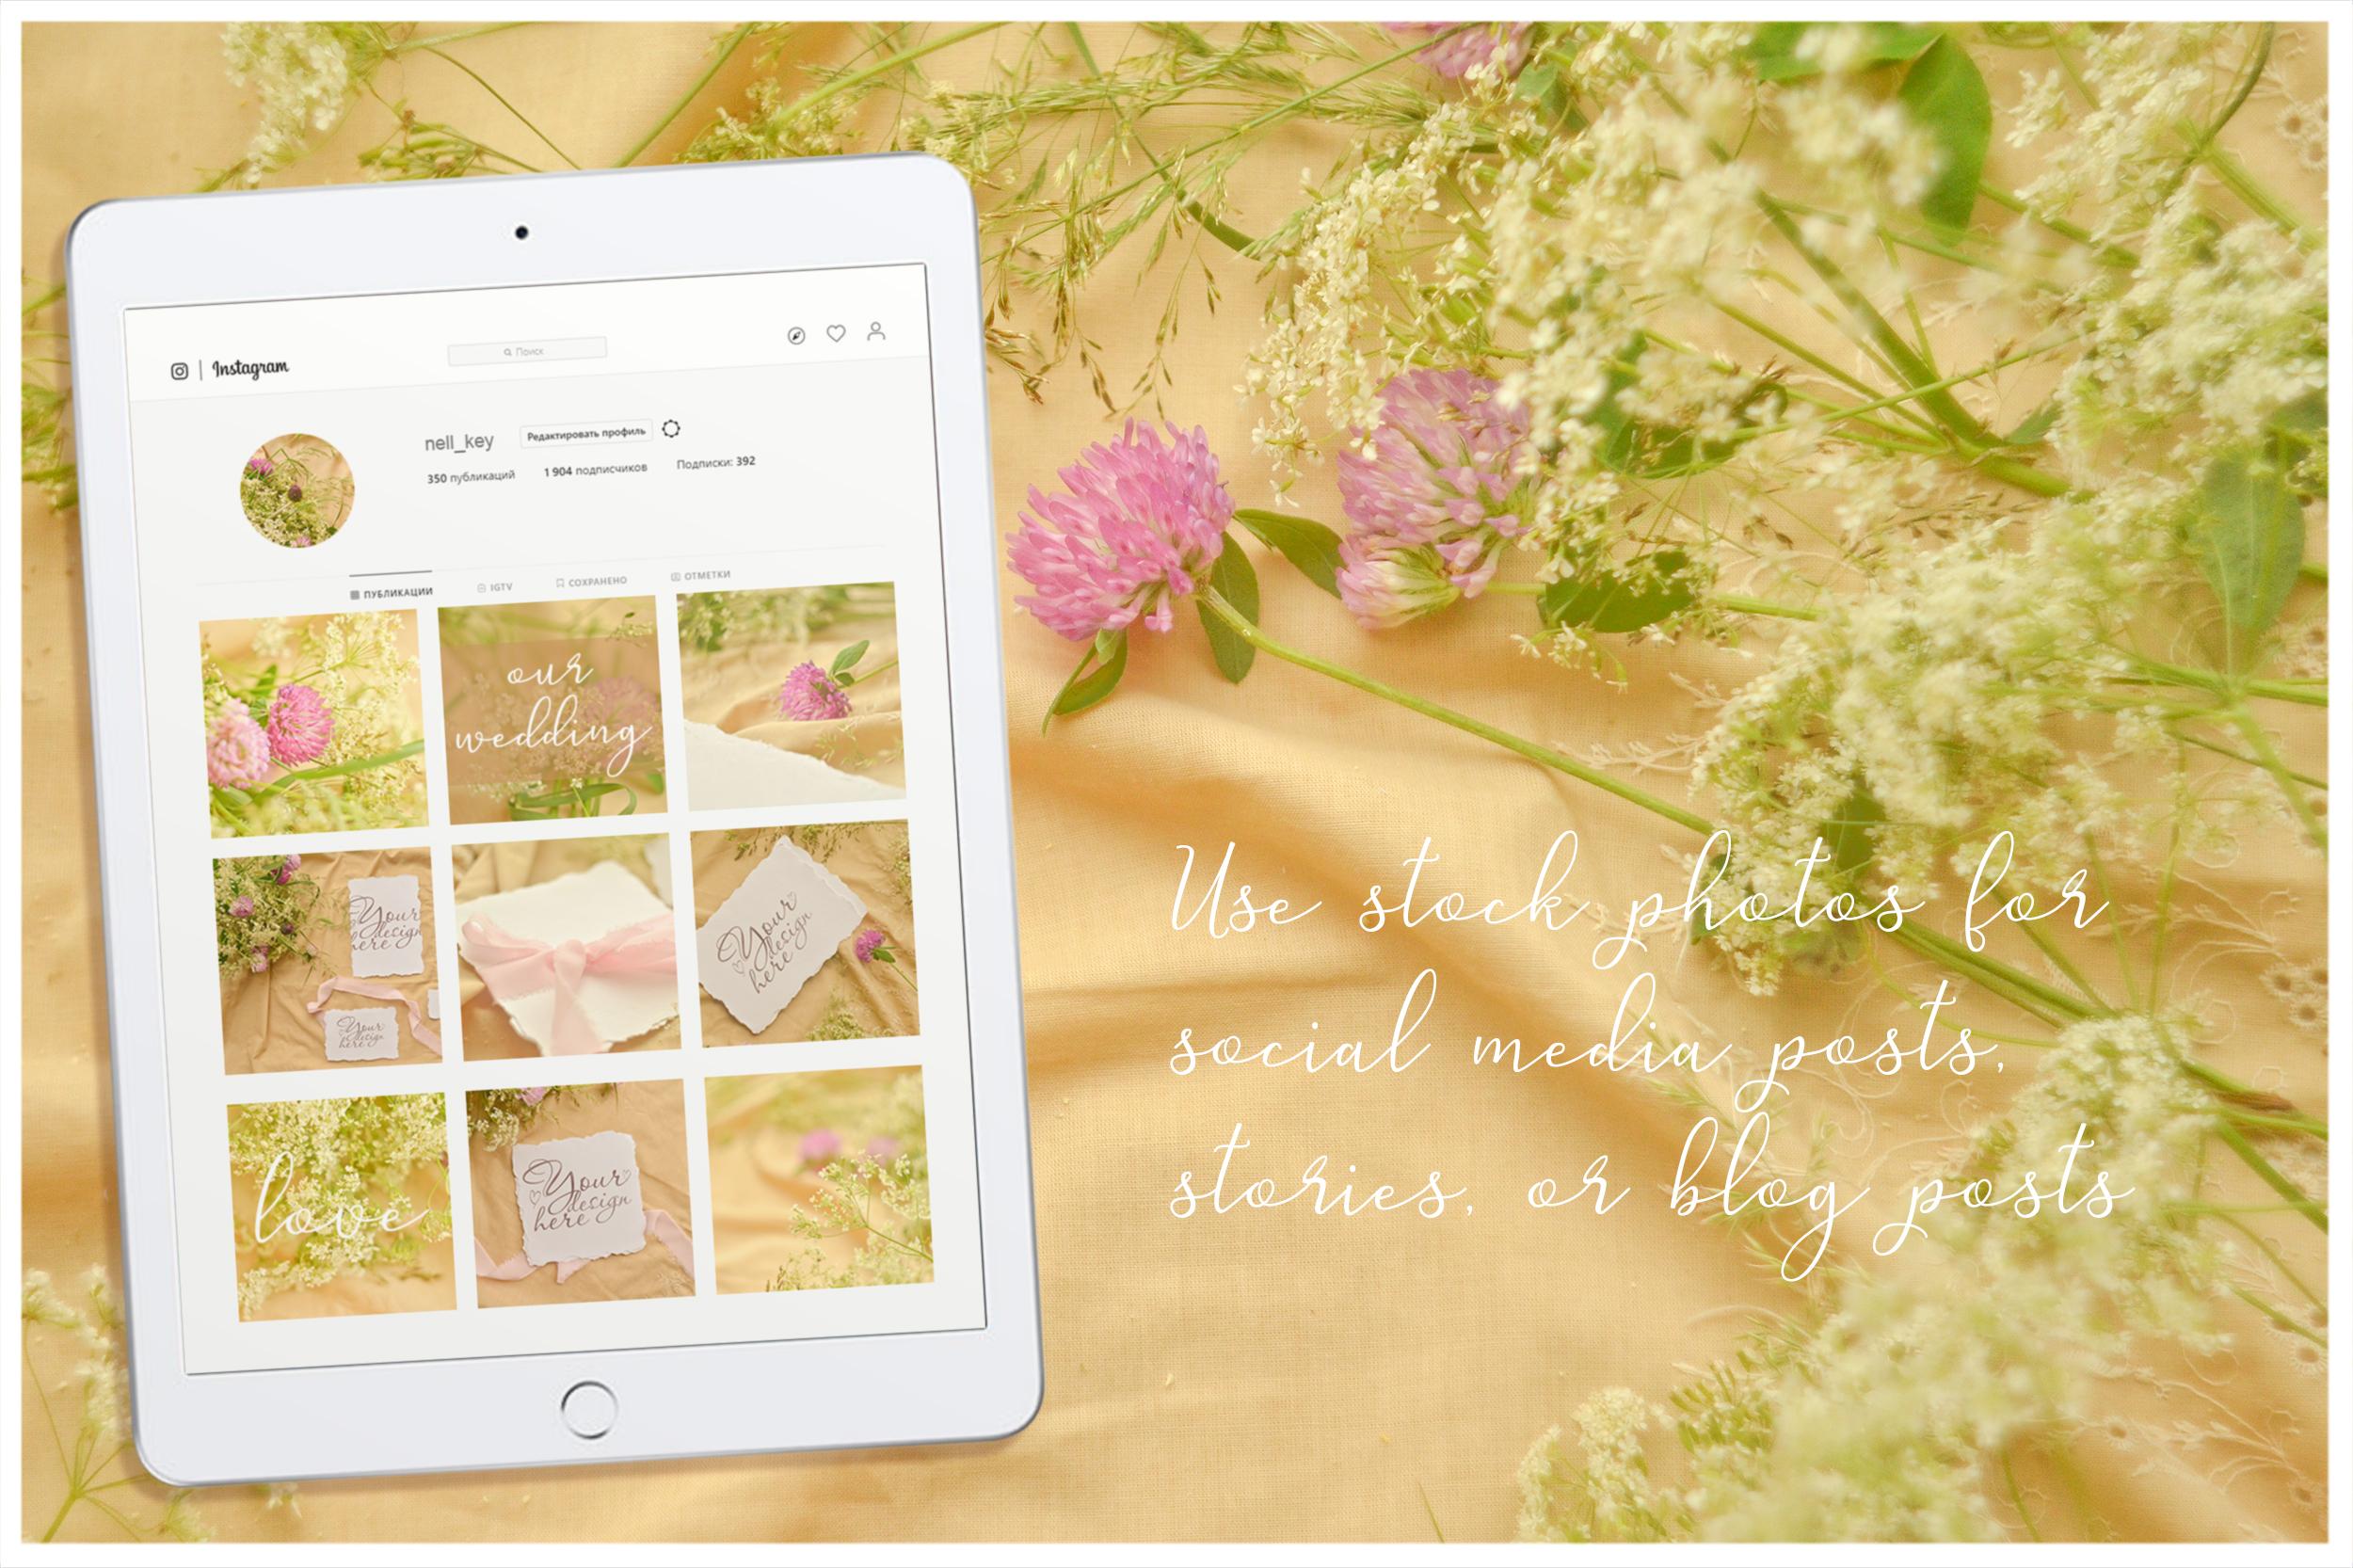 Honey Meadow. Wedding mockups & stock photo bundle example image 5